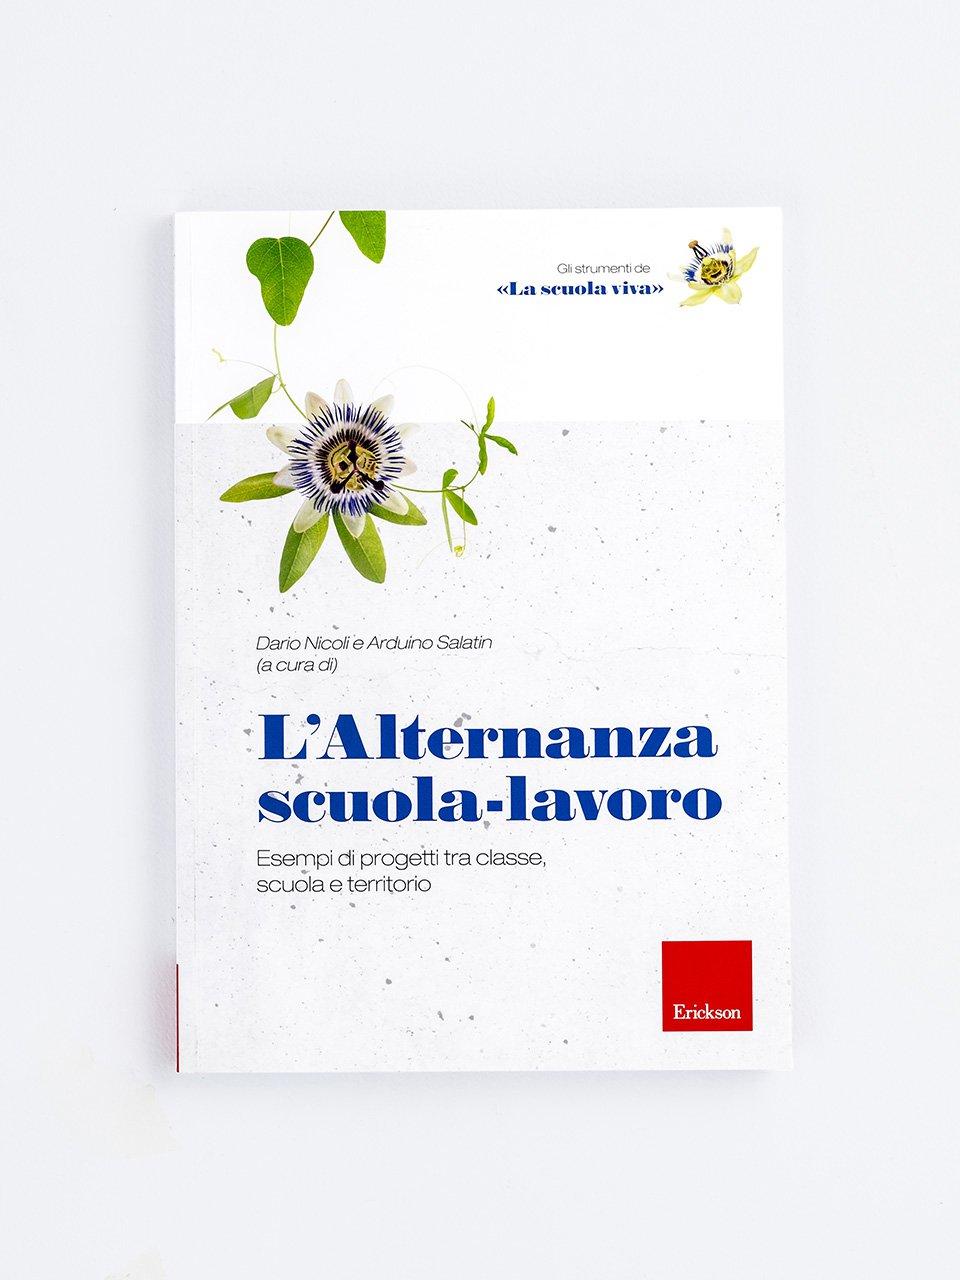 L'Alternanza scuola-lavoro - Il Servizio Civile tra valori civici e competenze  - Libri - Erickson